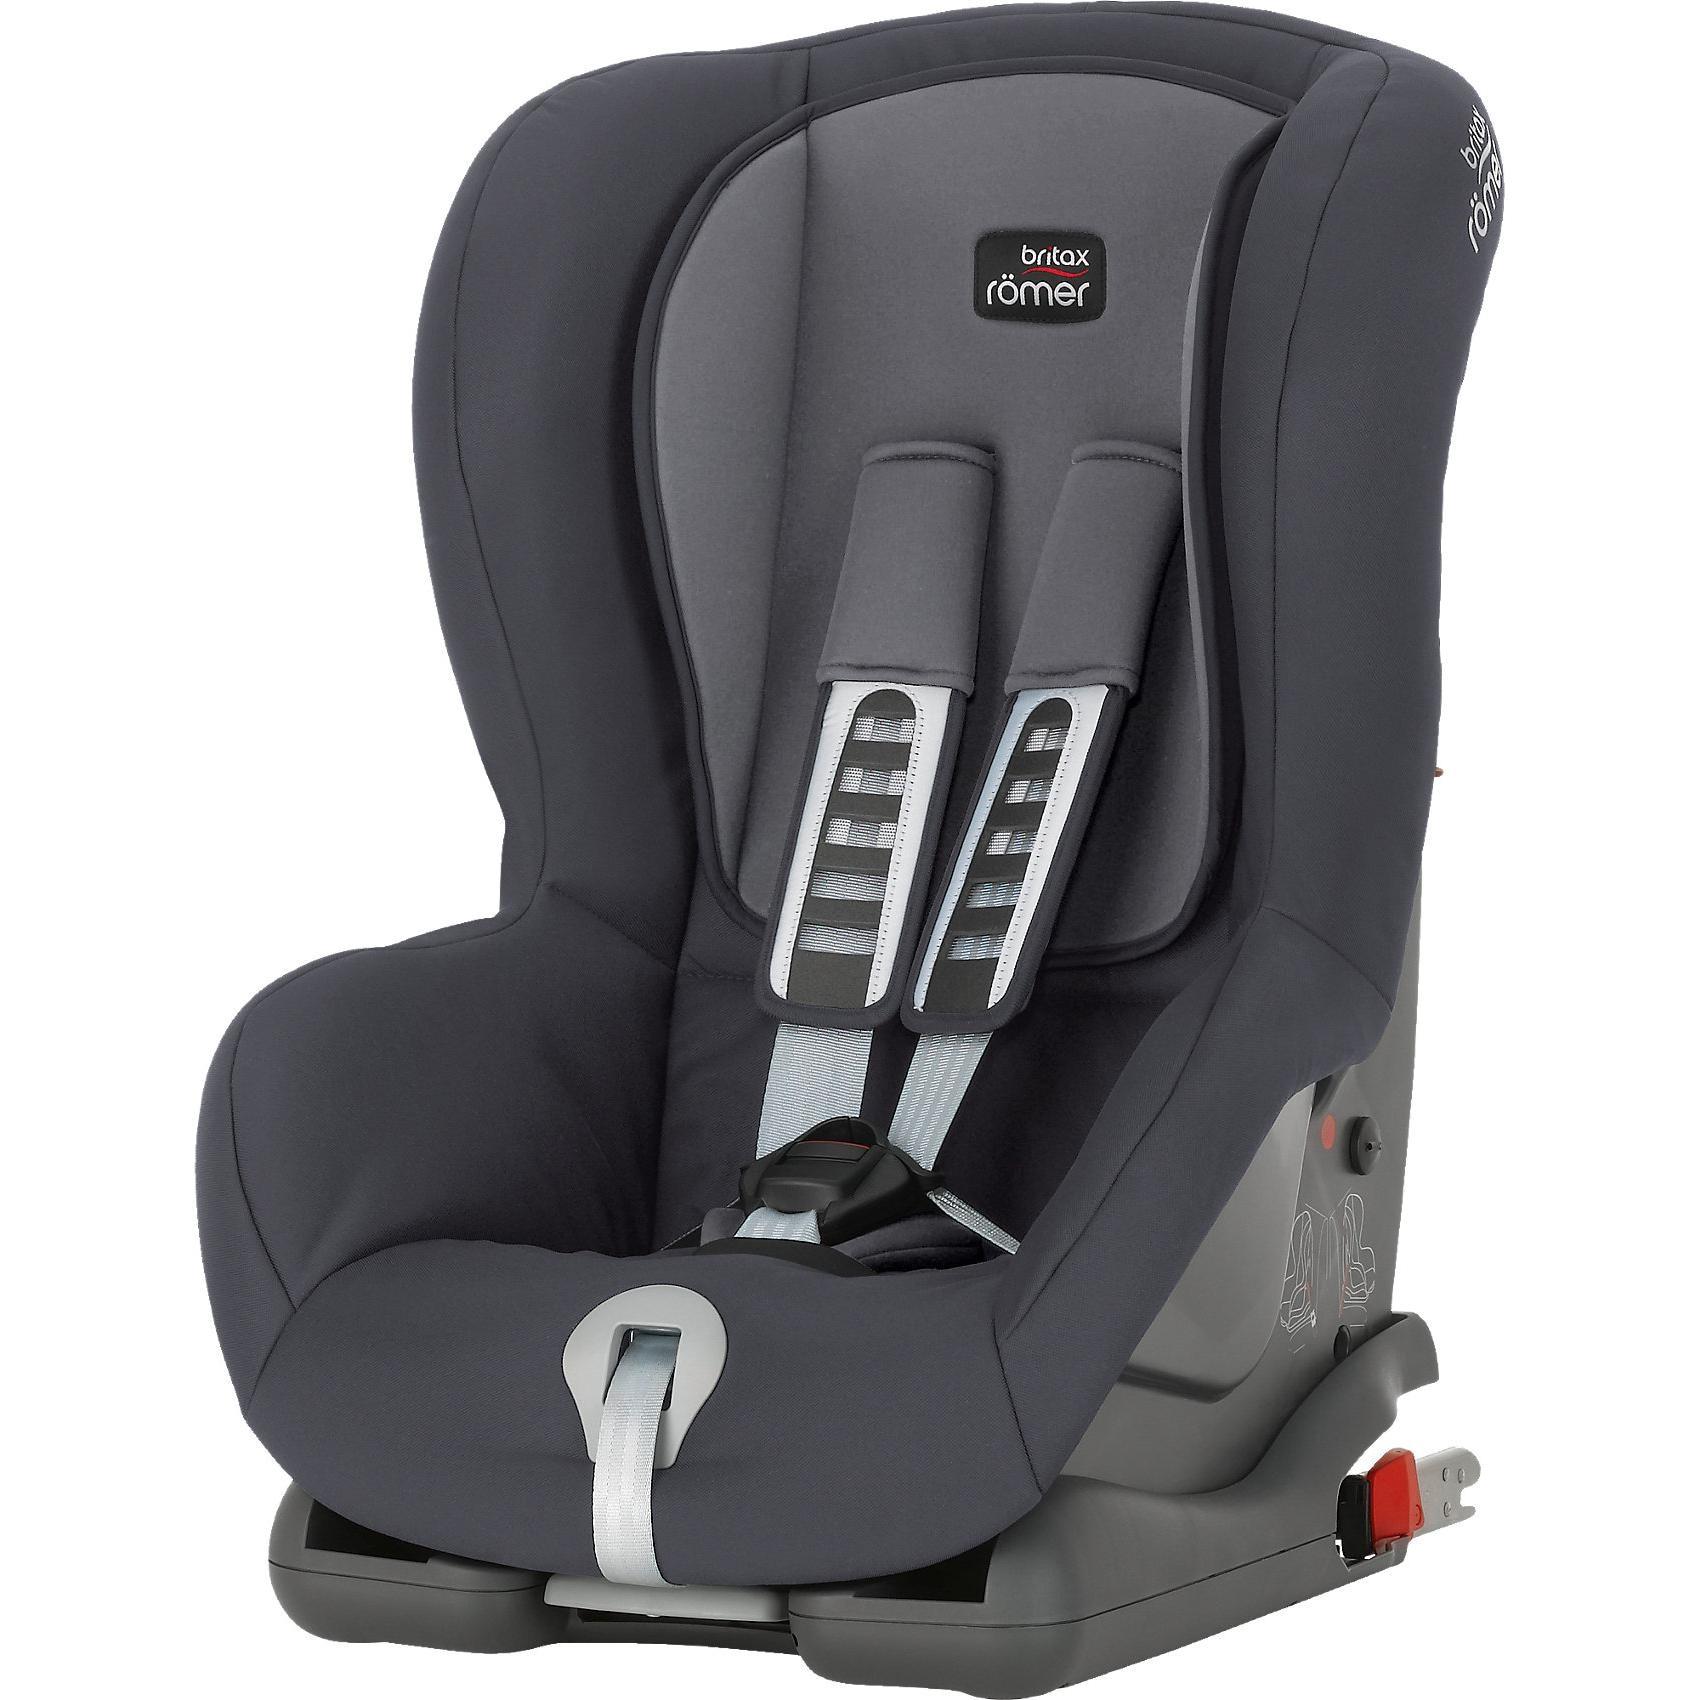 Britax Römer Auto-Kindersitz Duo Plus Storm Grey 2018